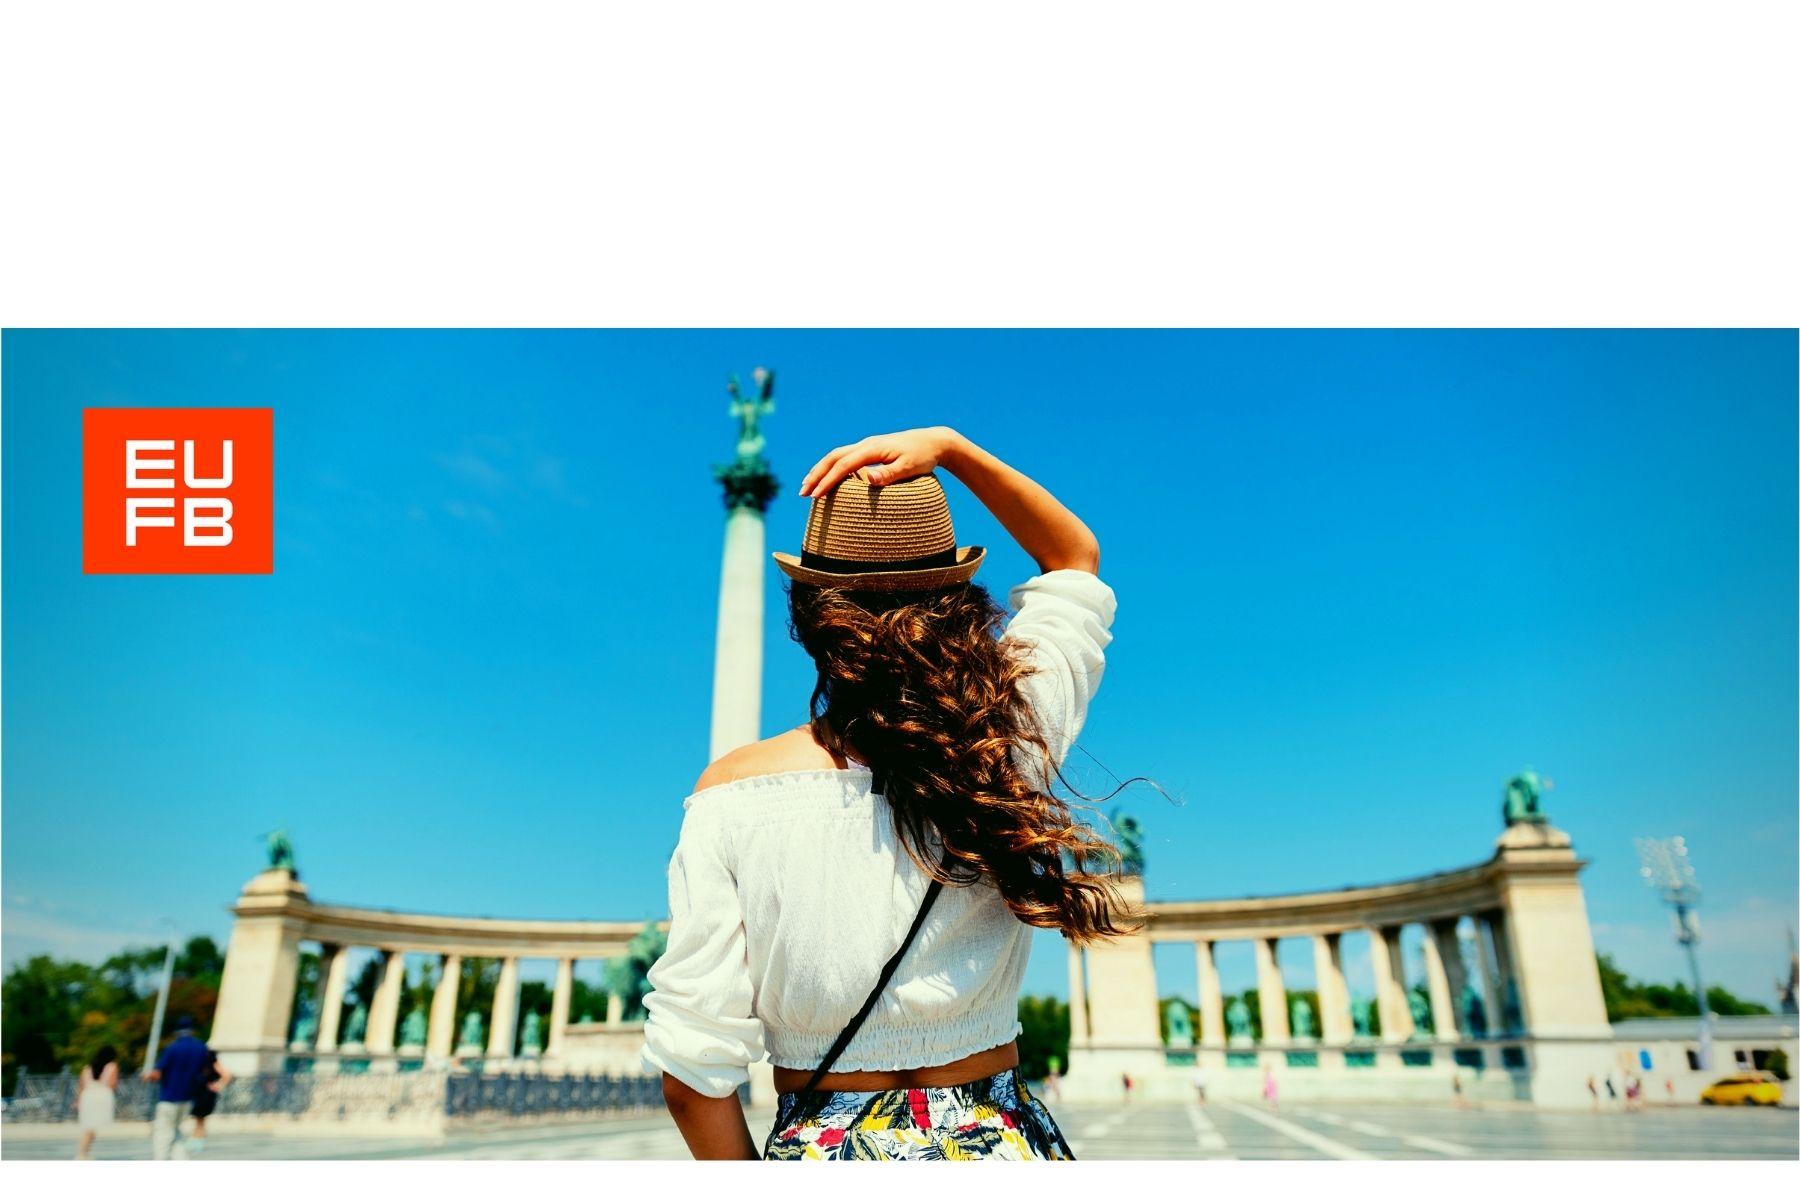 Raons per a estudiar turisme: Una aposta de futur | Escola Universitària Formatic Barcelona